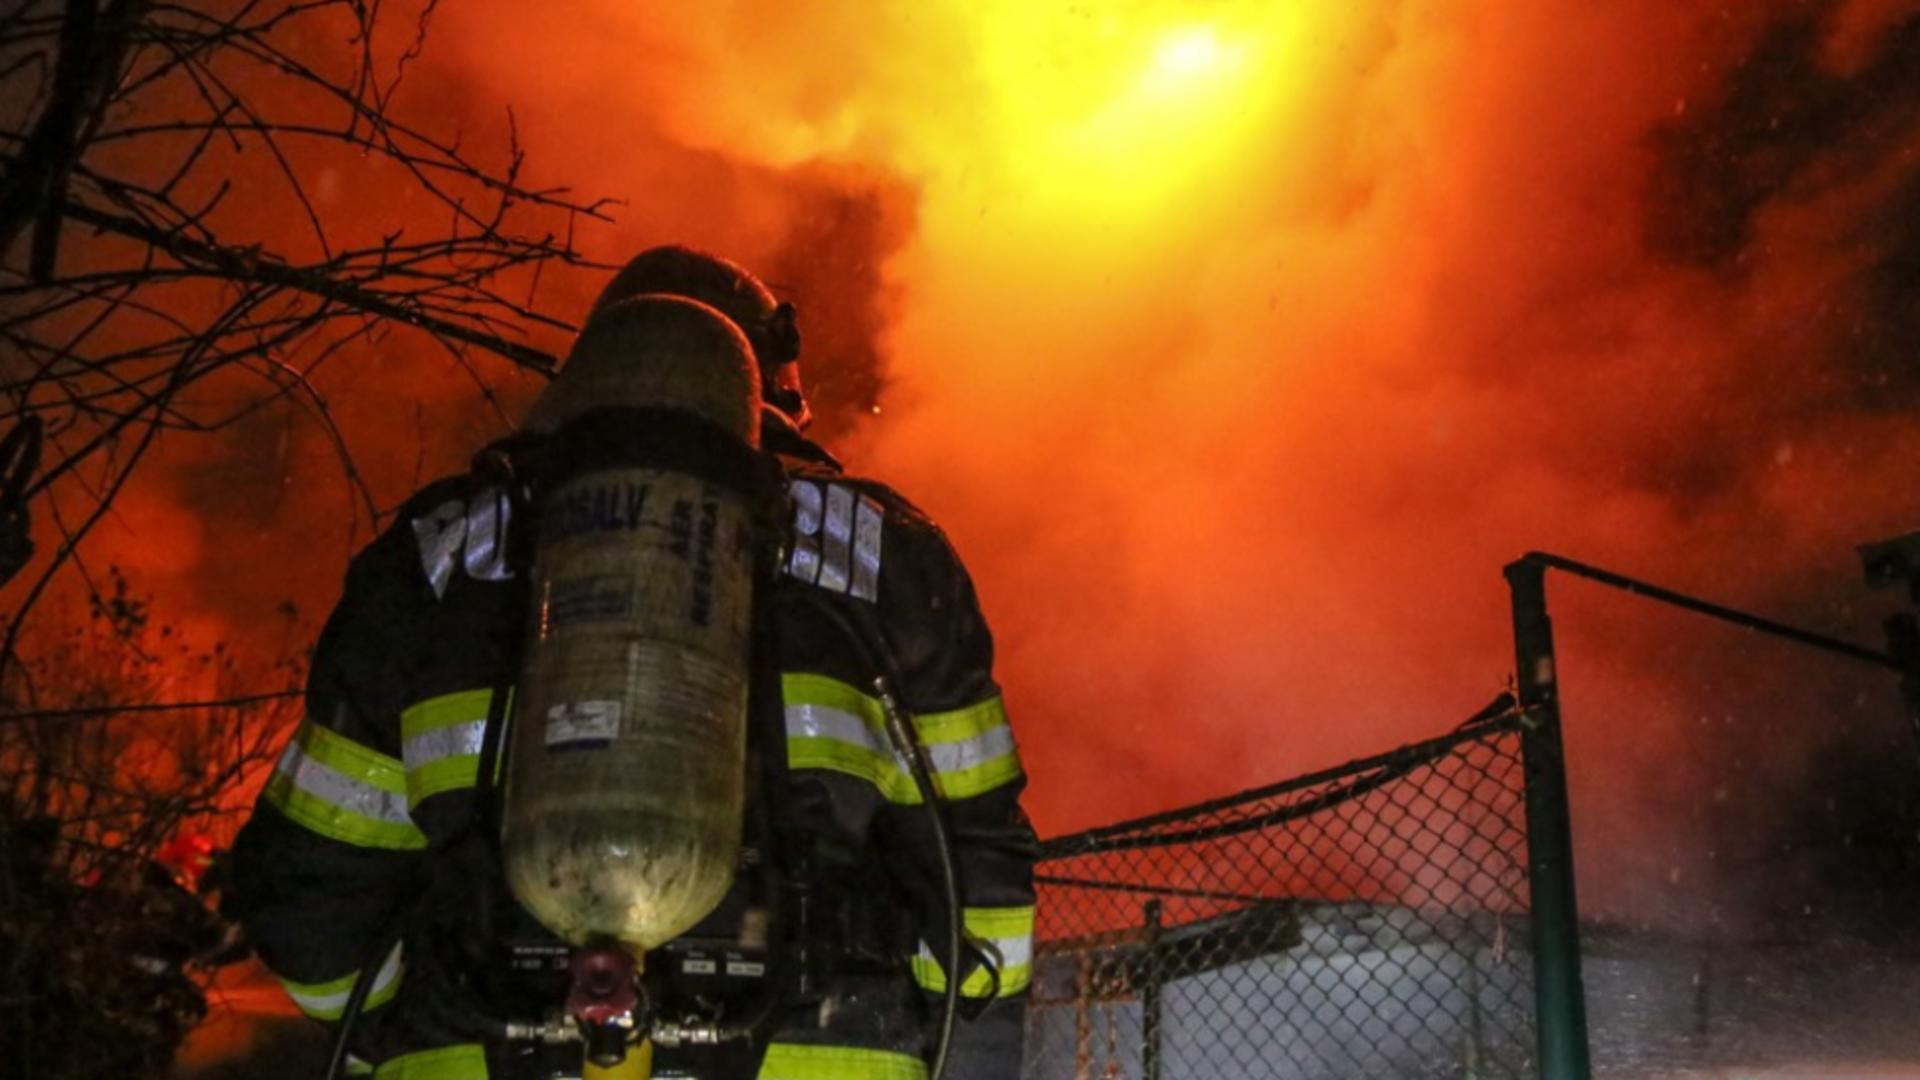 Incendiu la o pensiune din Argeș / Foto: Arhivă ISU